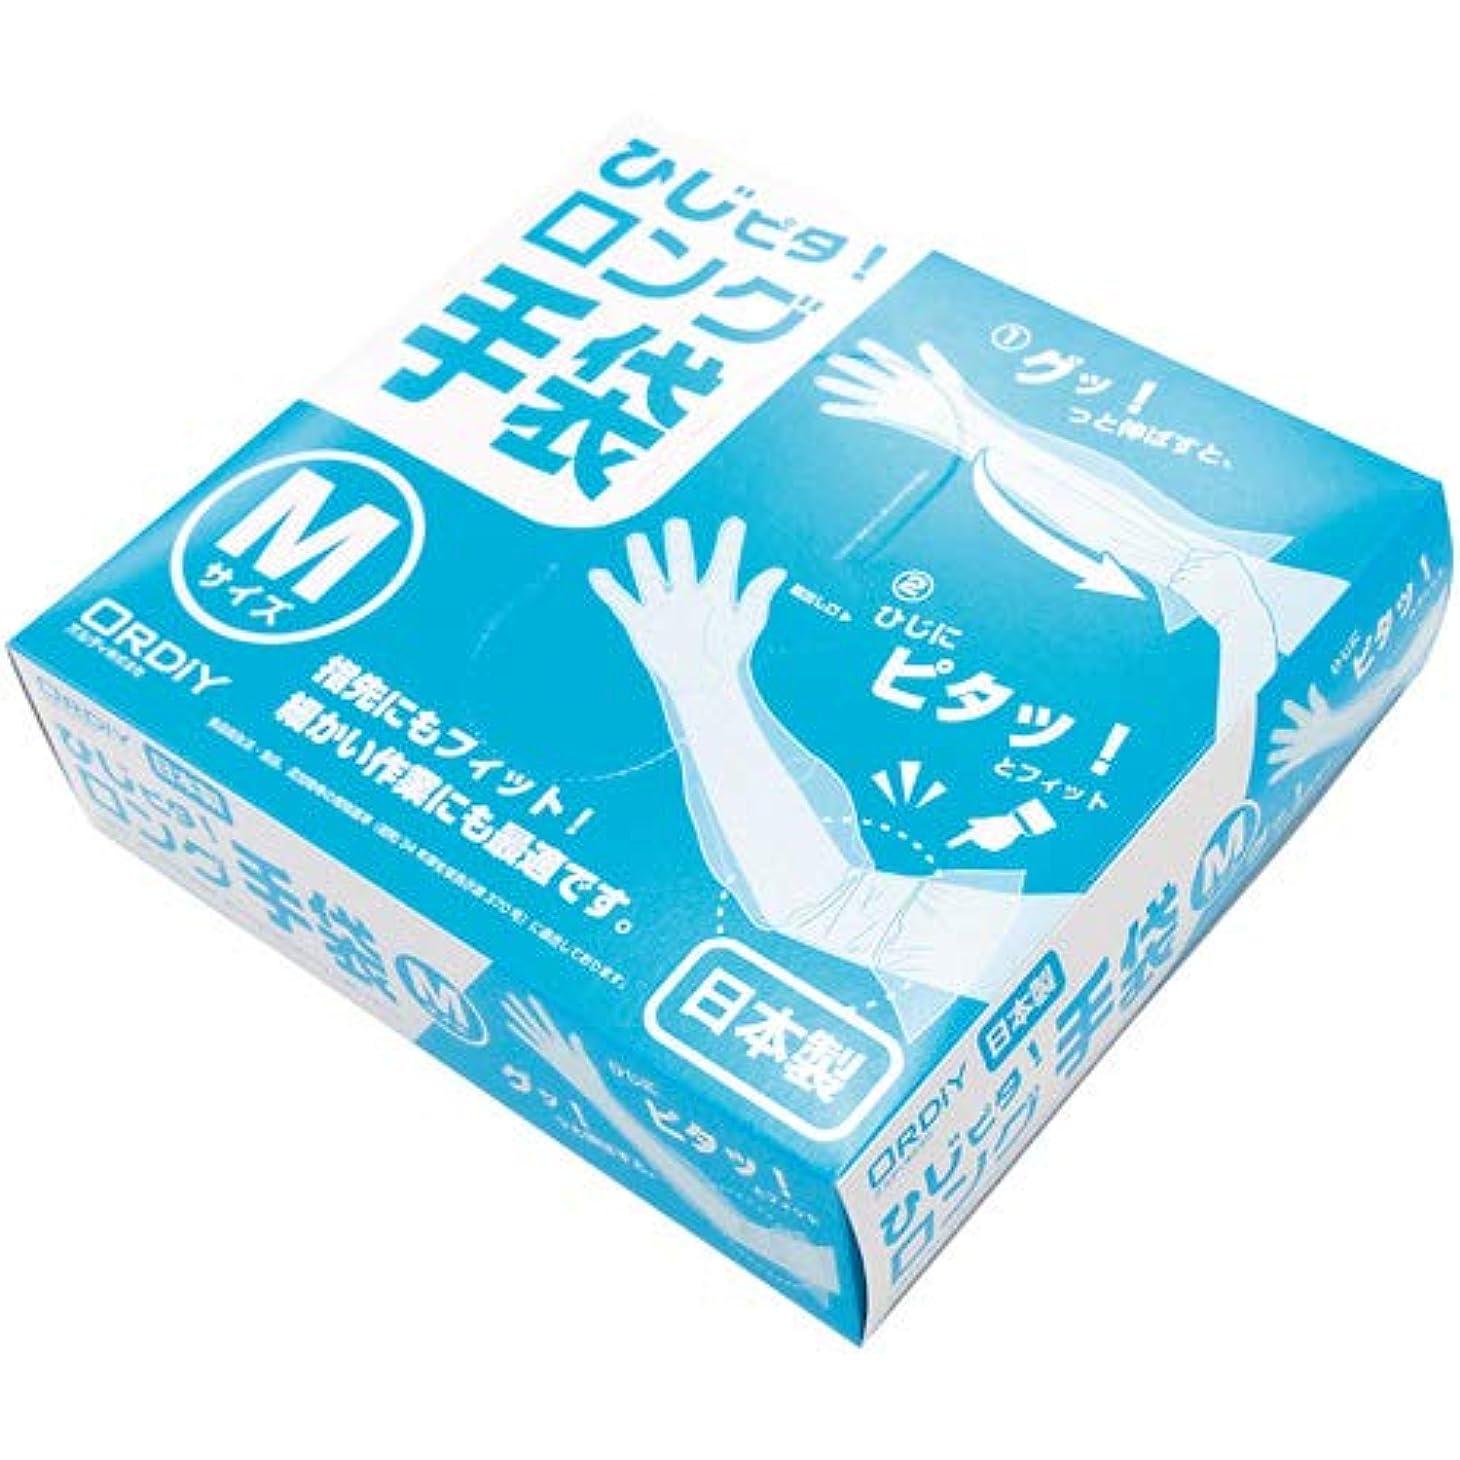 否認する希少性保全オルディ ひじピタロング手袋 M HLT-NM-100 1箱(100枚)